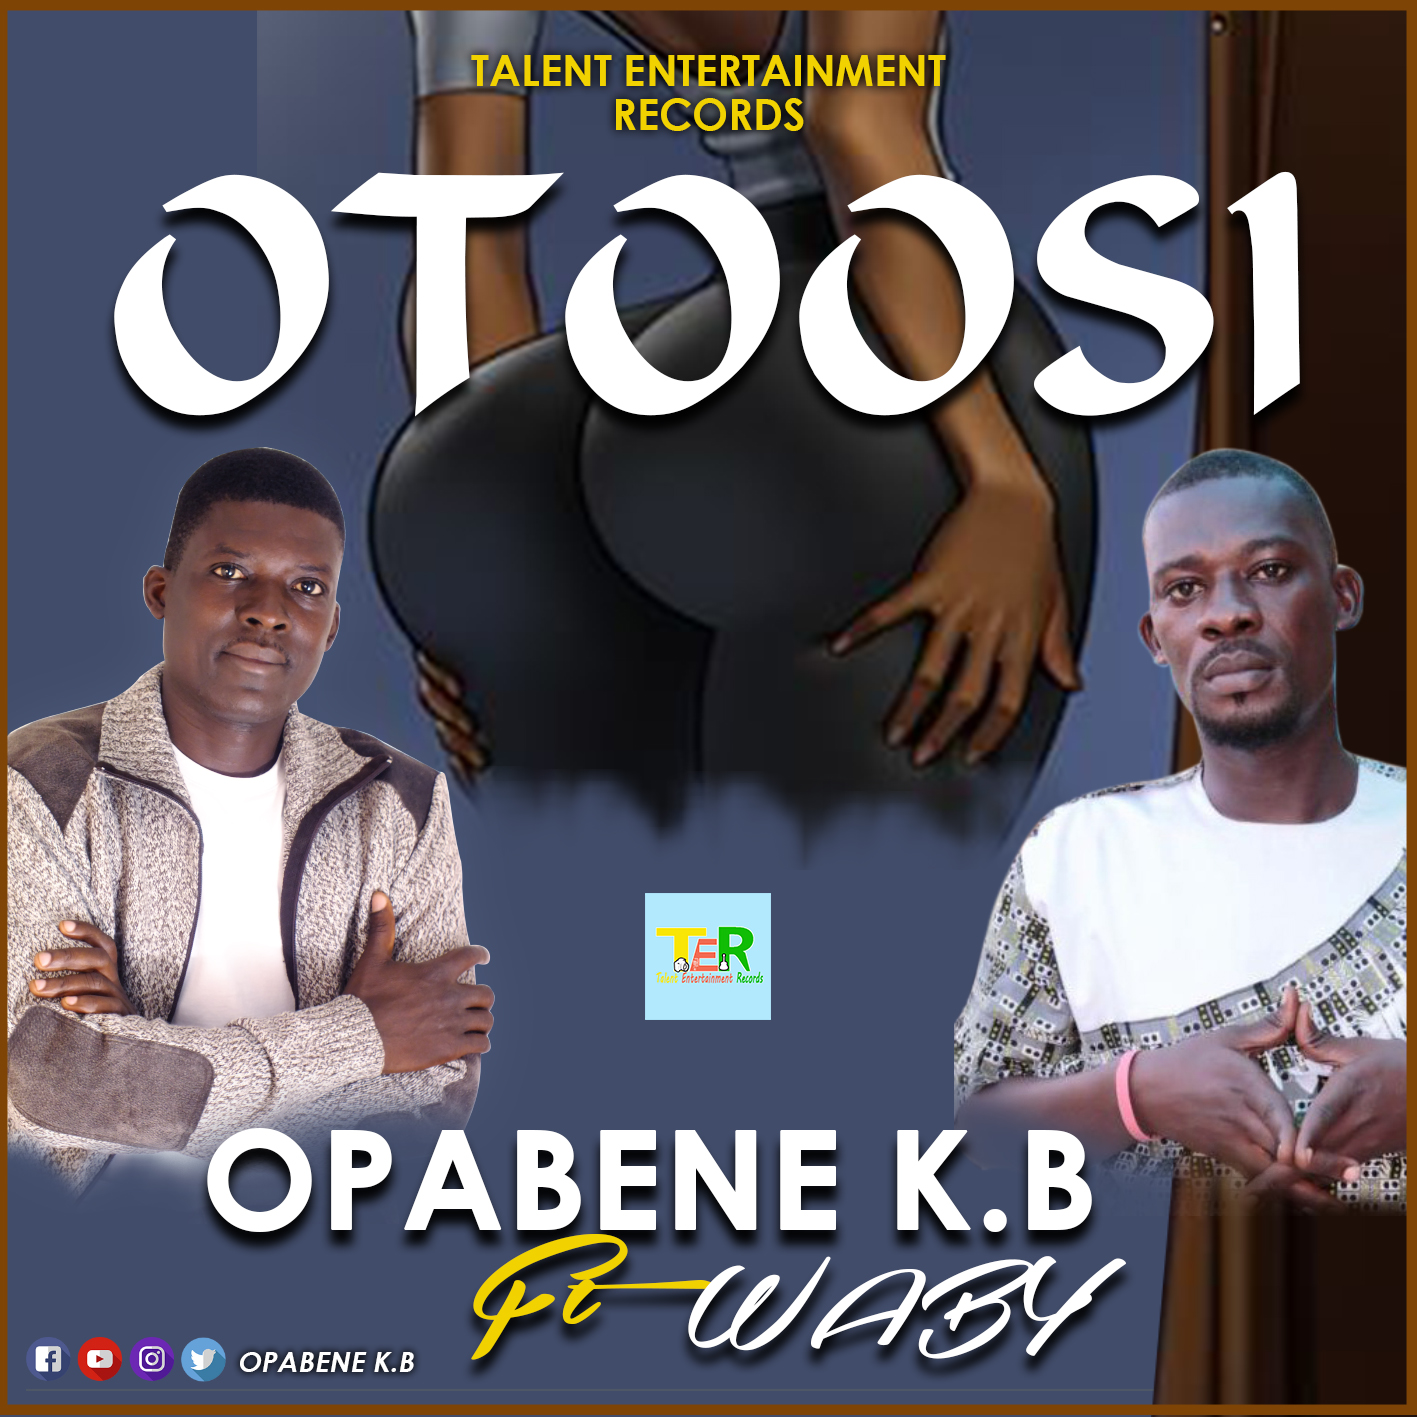 Opabene KB – Otoosi Ft